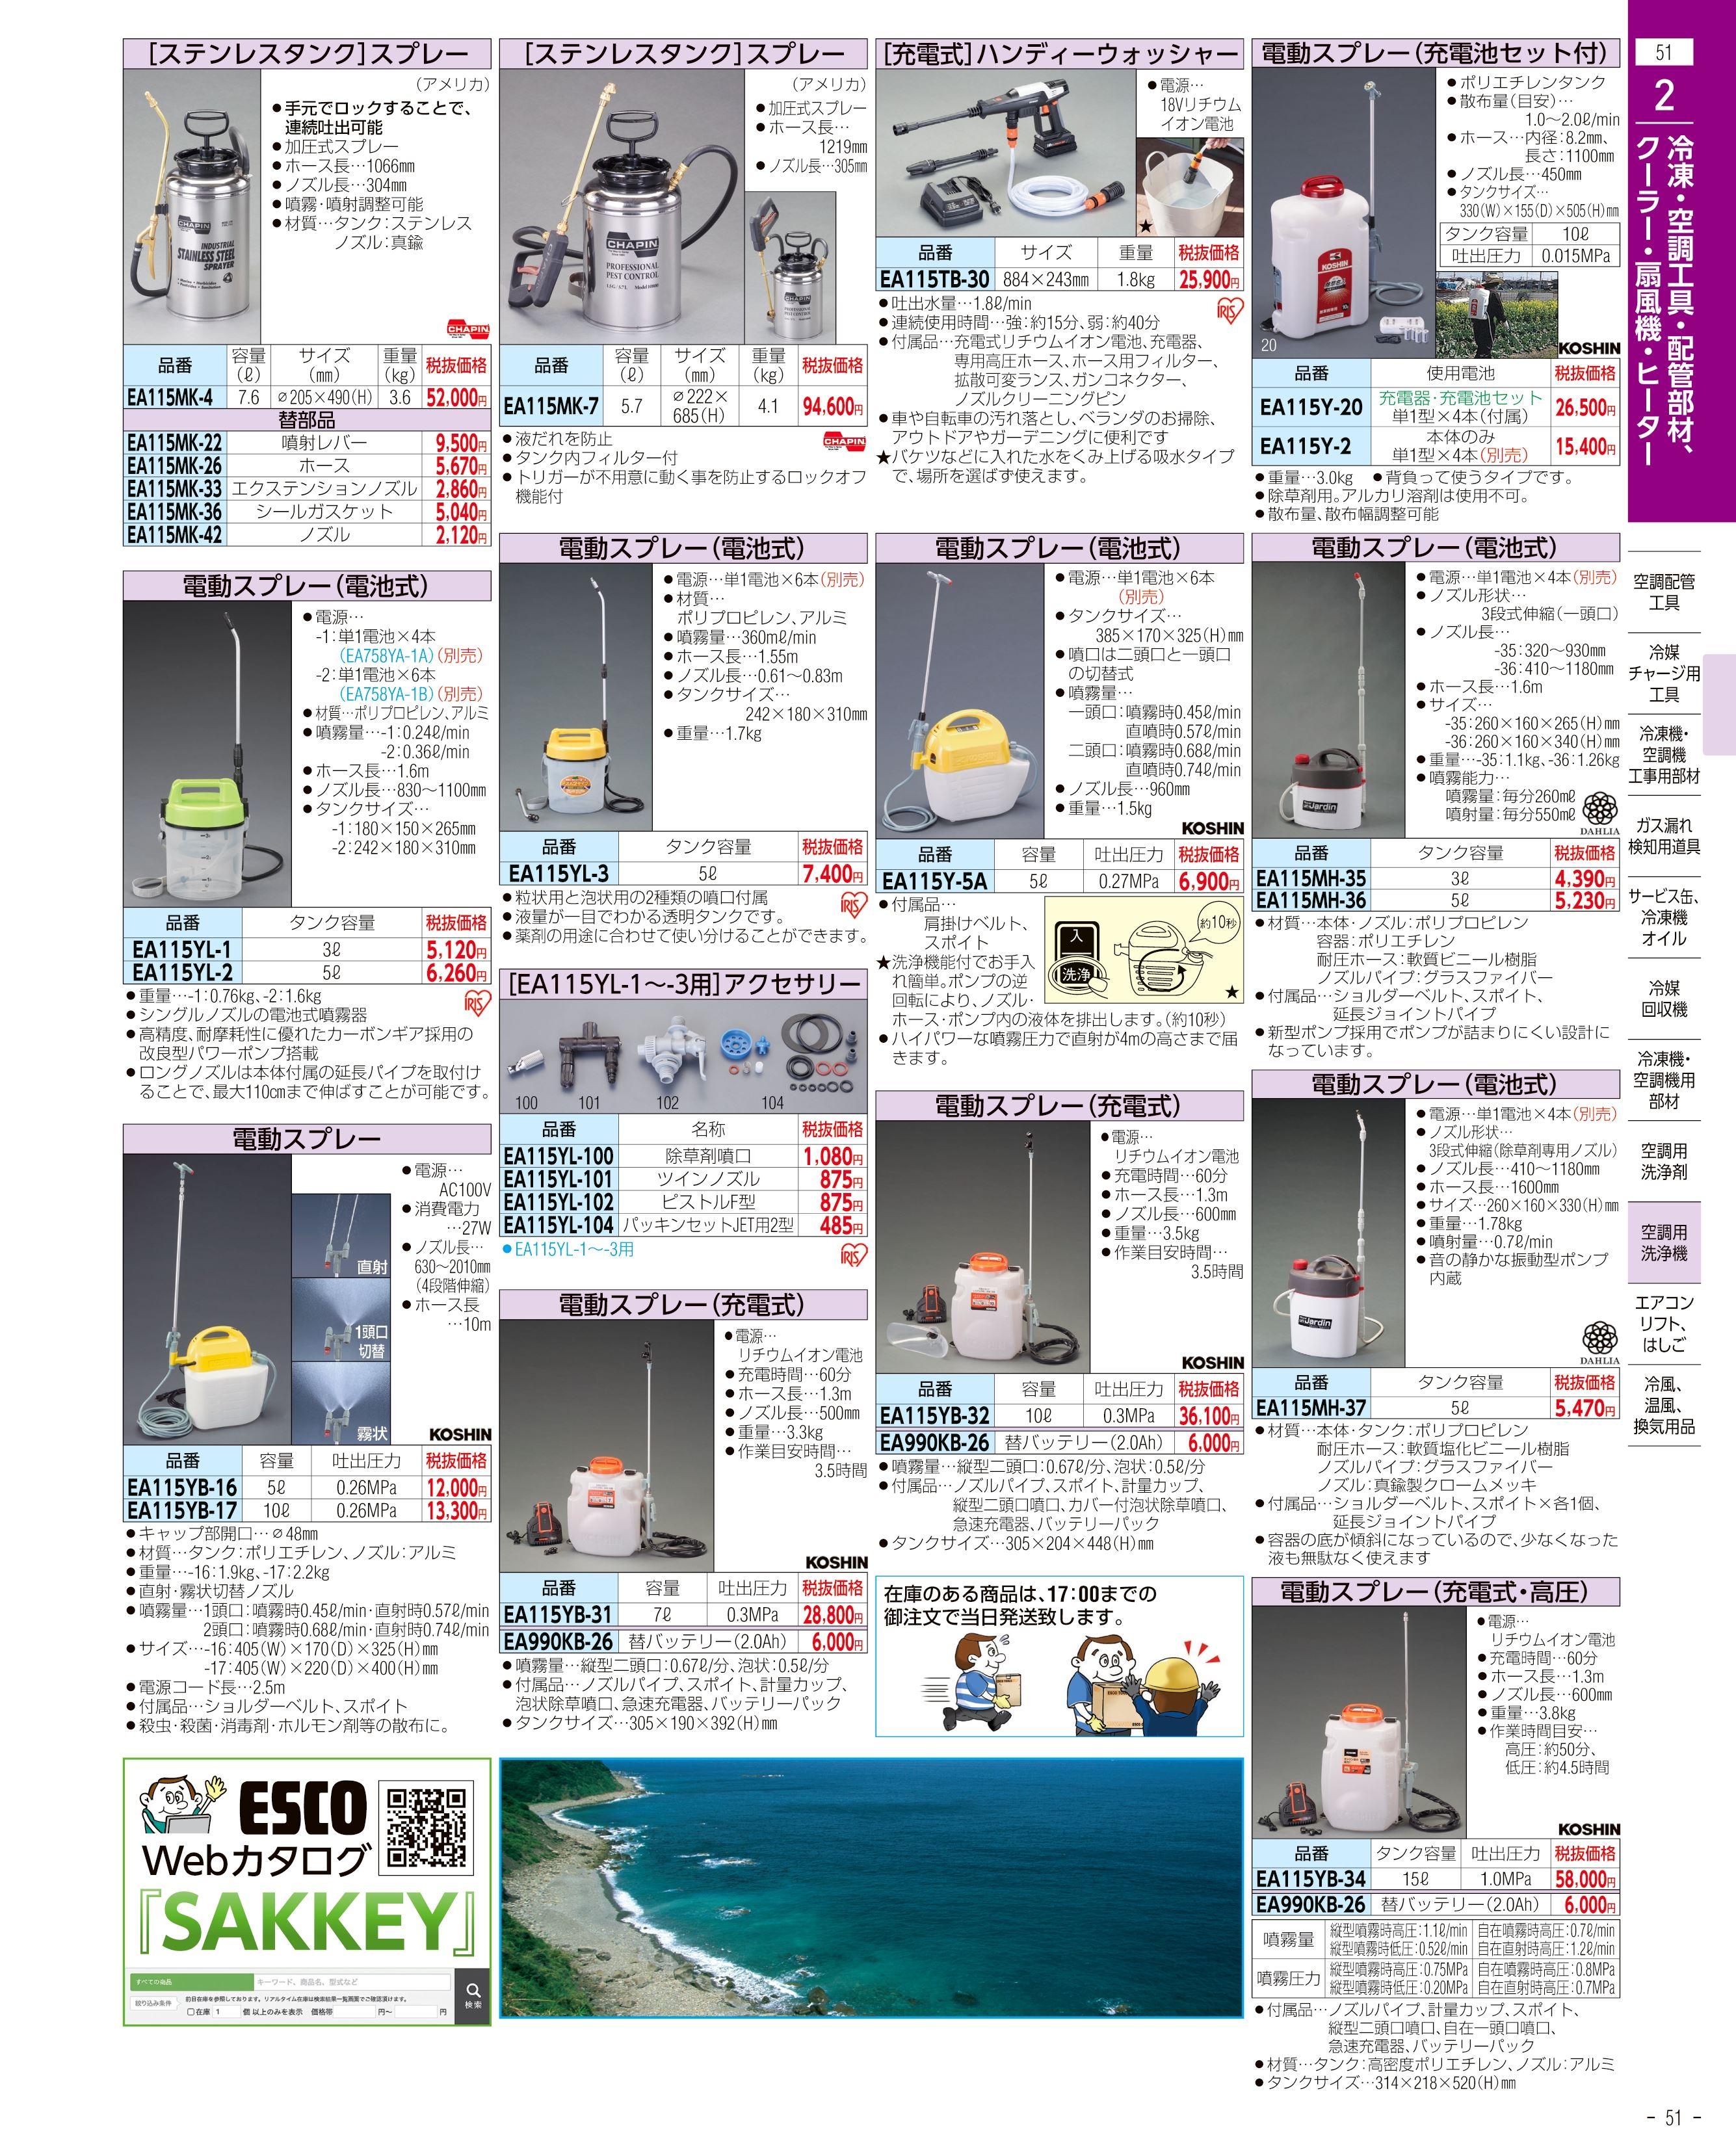 エスコ便利カタログ51ページ